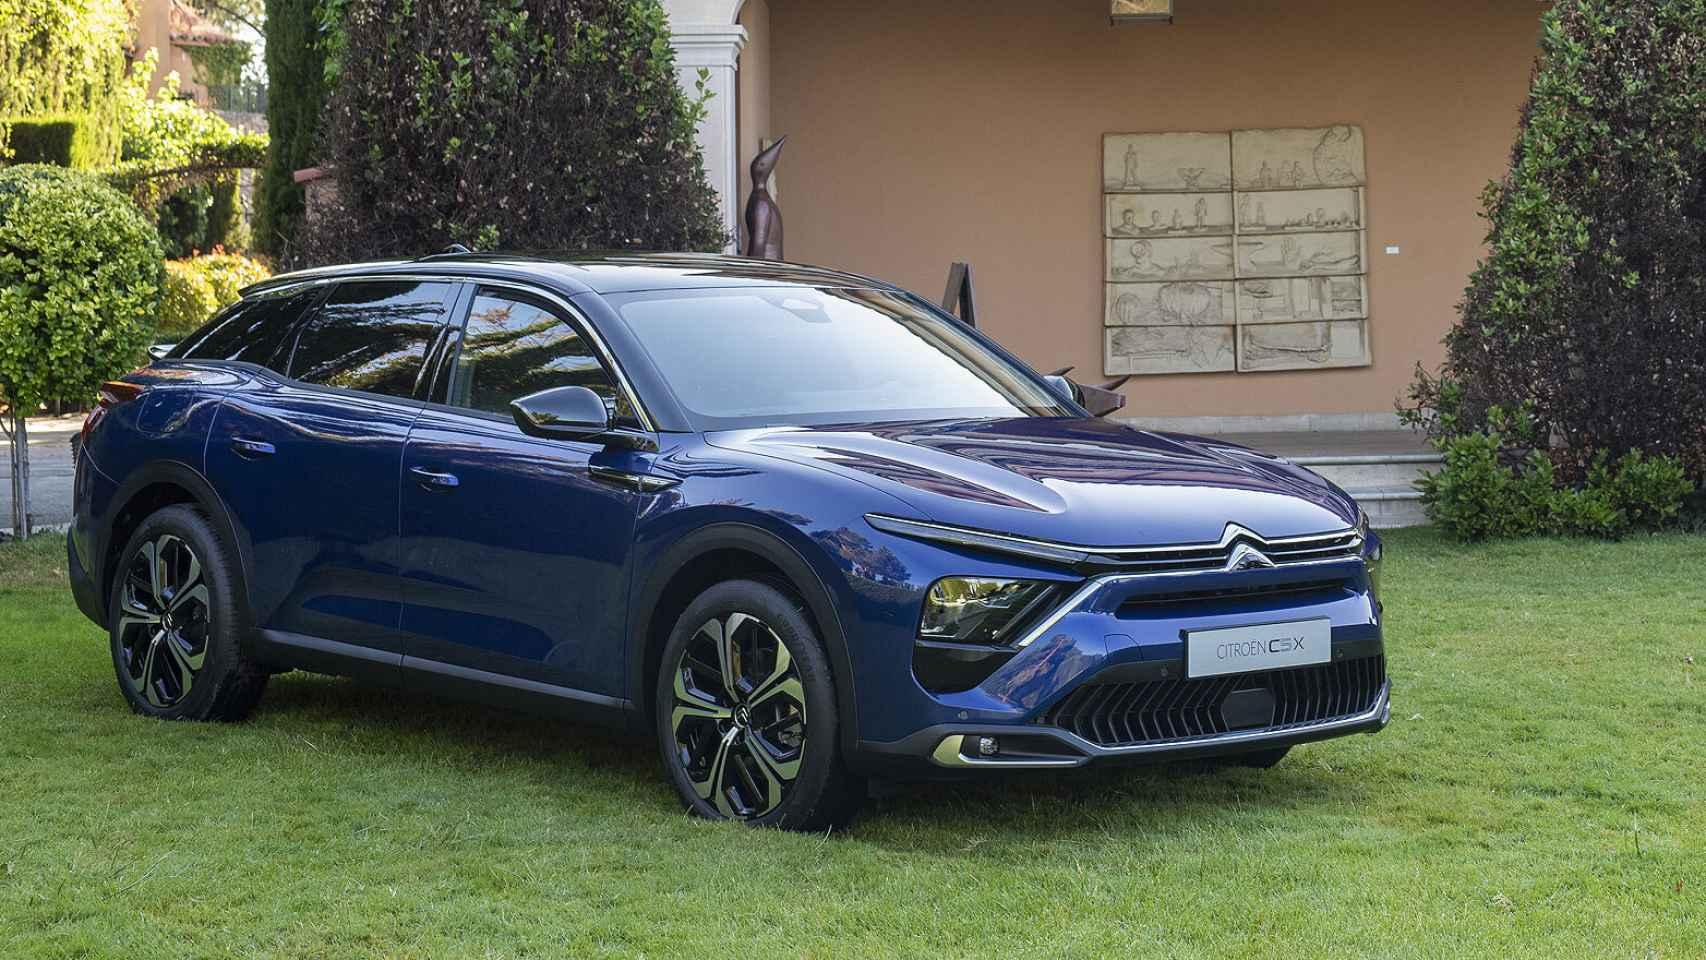 Nuevo Citroën C5 X: galería de fotos de esta nueva berlina que llega en 2022